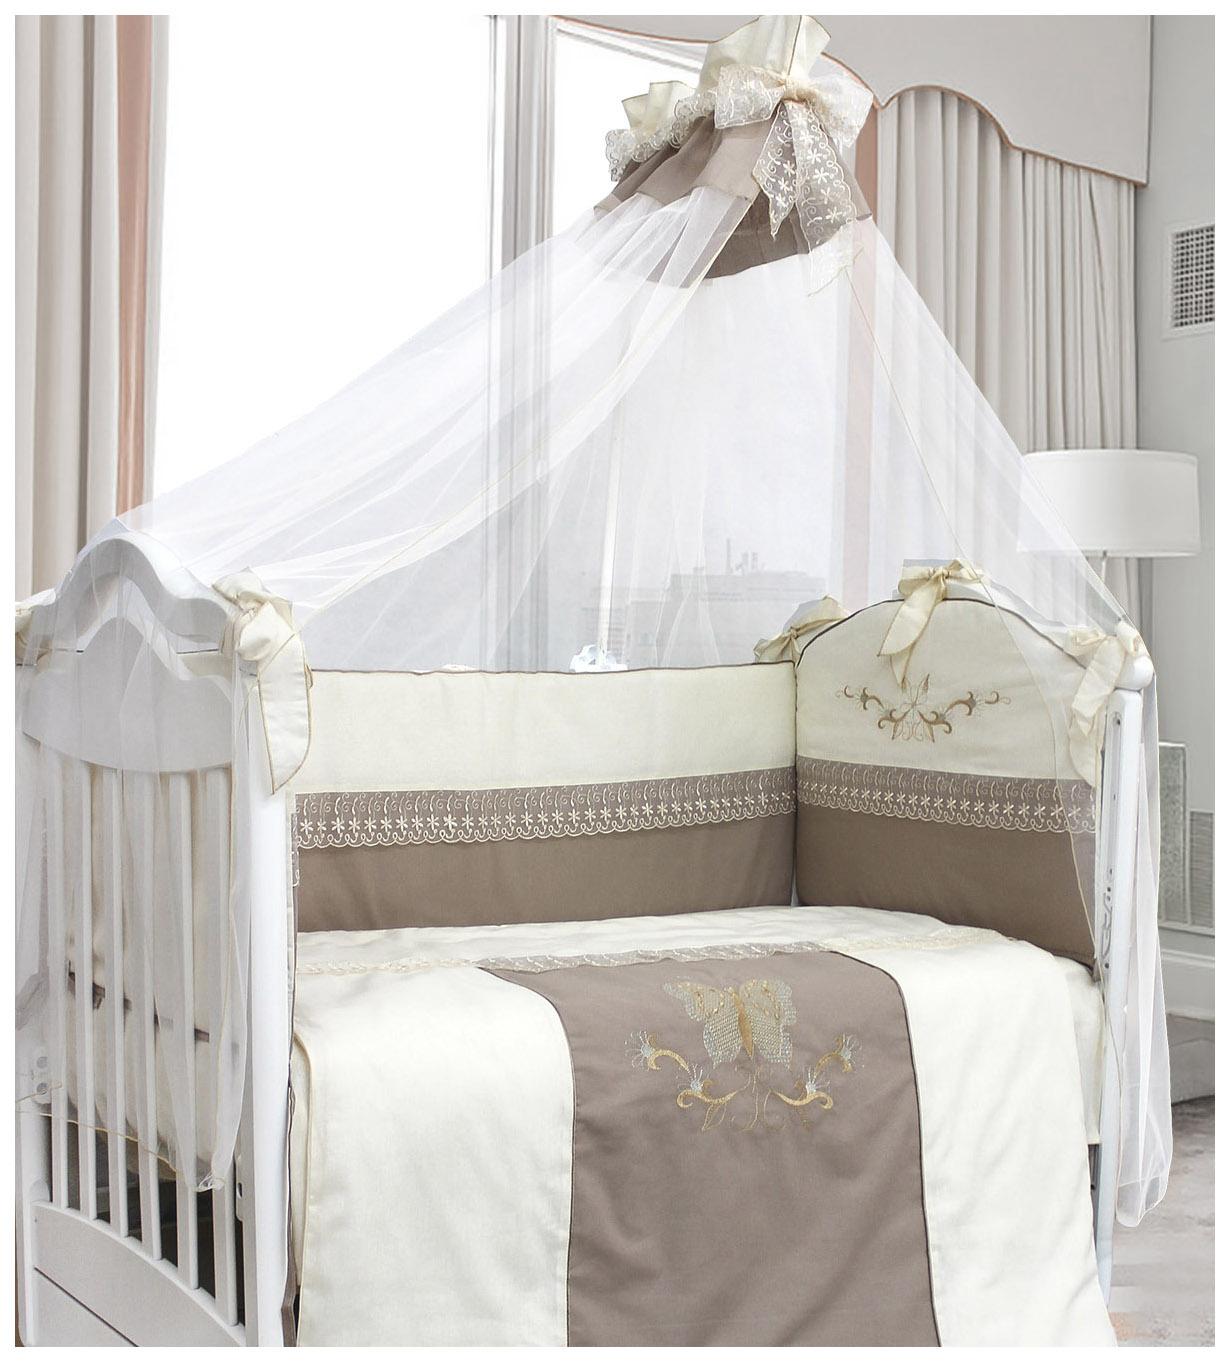 Комплект детского постельного белья L'Abeille Arabella 1127 'Arabella' 7пр